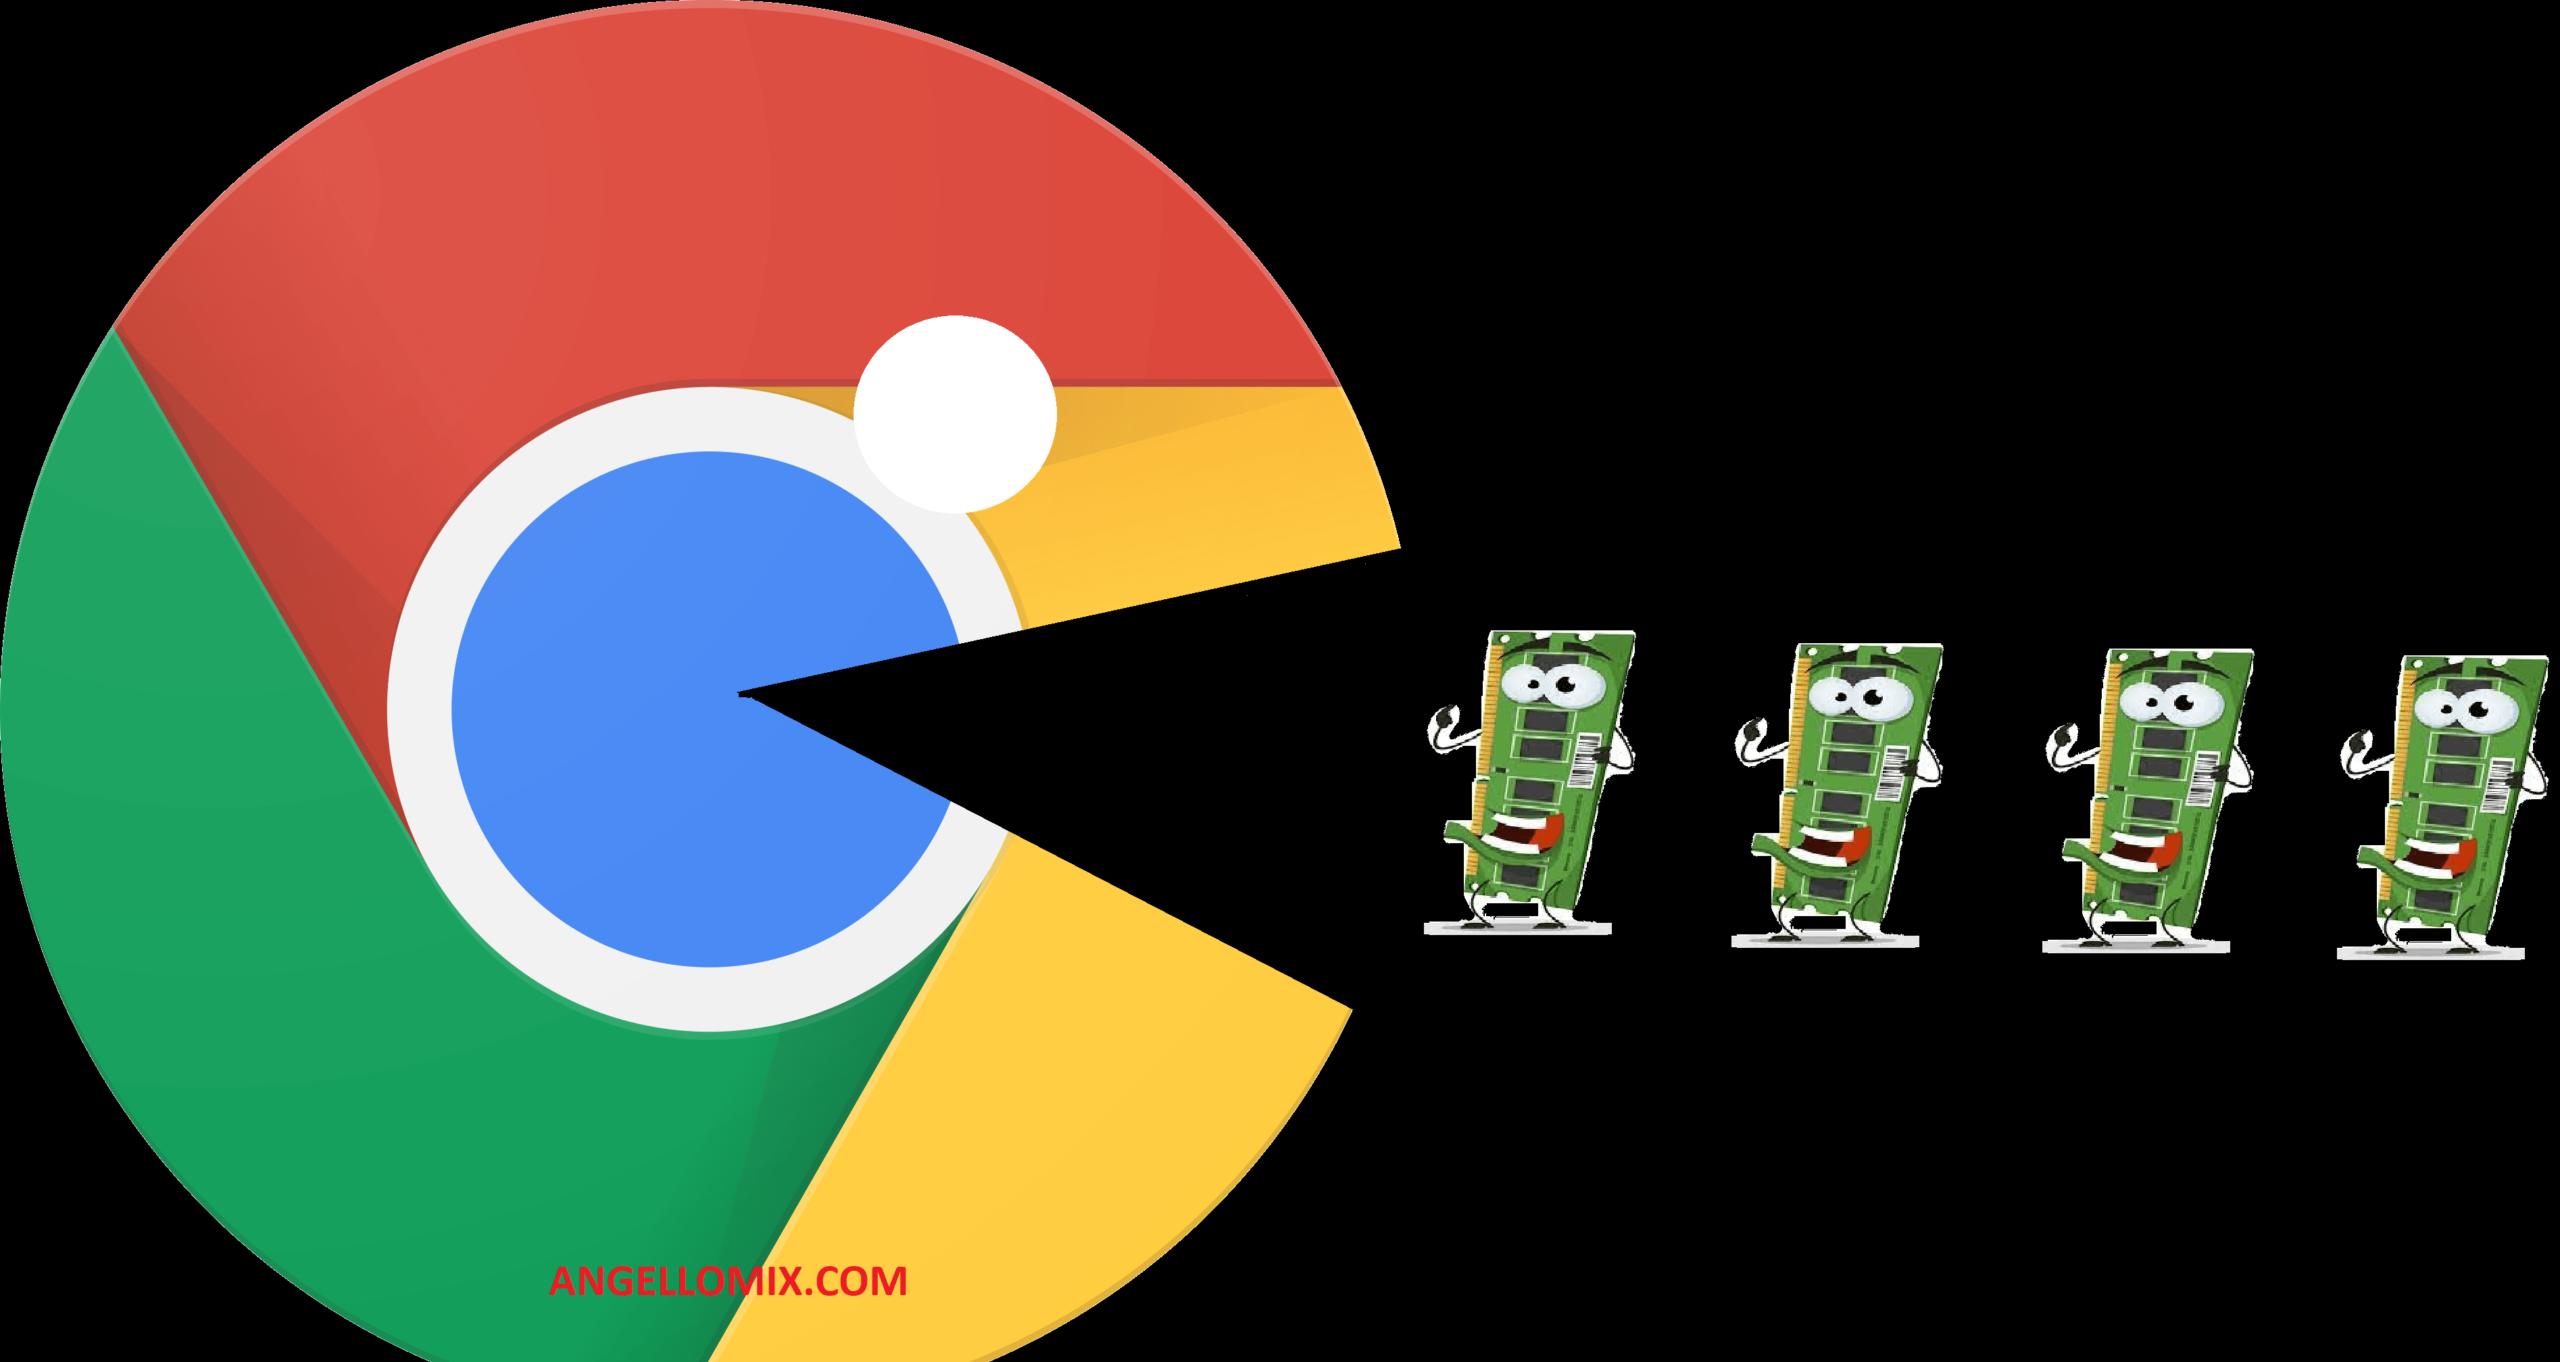 Como optimizar Google Chrome